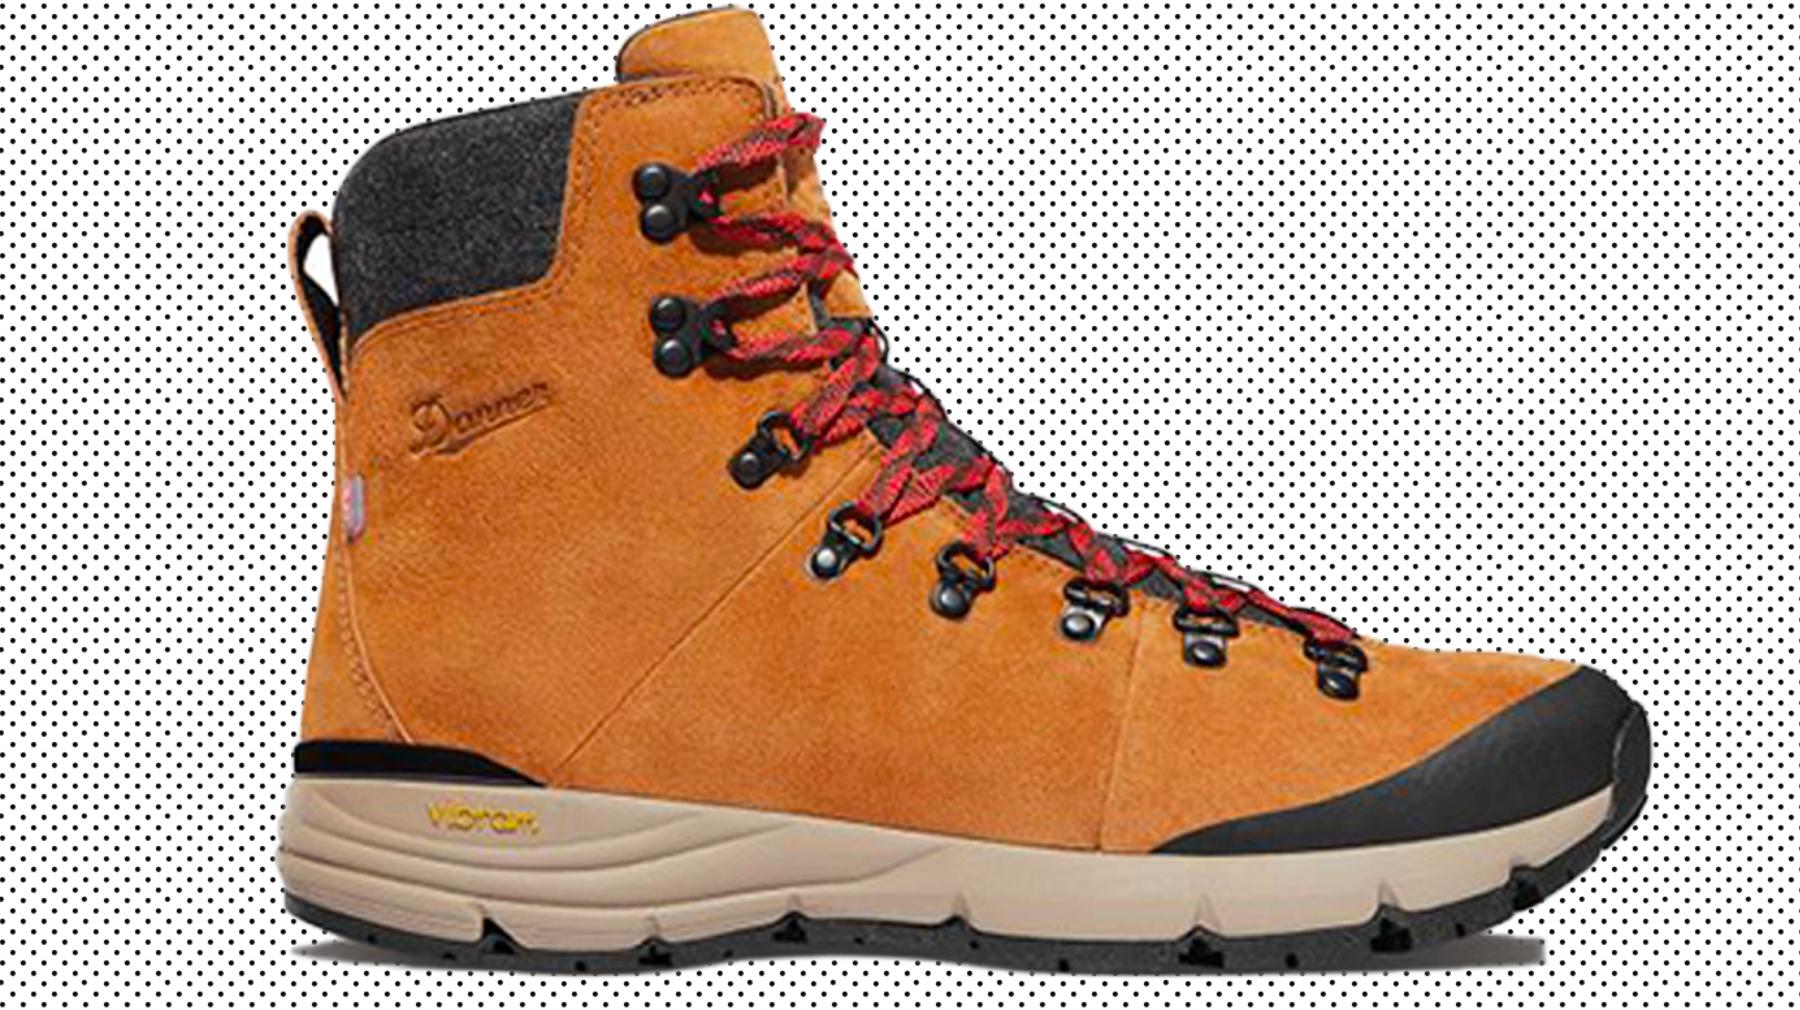 Zapatos de Senderismo Selva Chicos Caminando Senderismo Ligero al Aire Libre Zapatos Deportivos Botas Botas de Algod/ón para la Nieve Botas de Invierno para Unisex Ni/ños